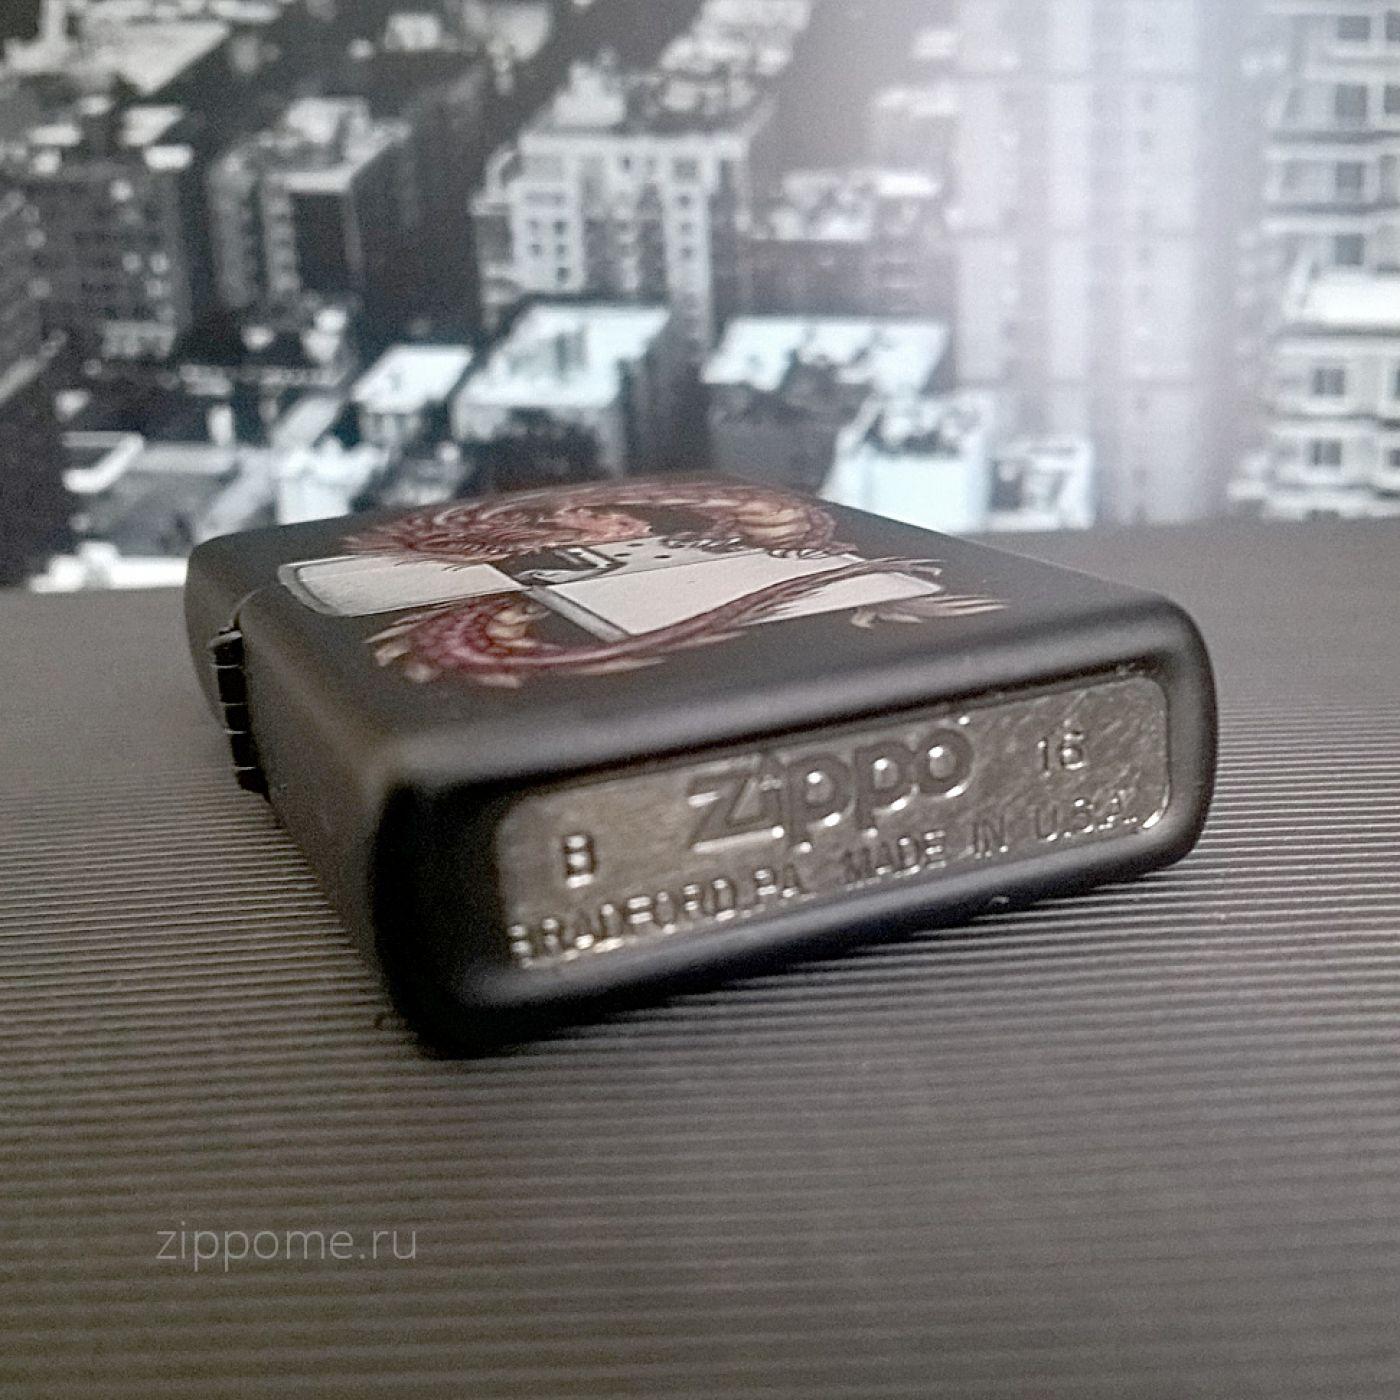 Zippo 218 Oriental Dragon Black Matte